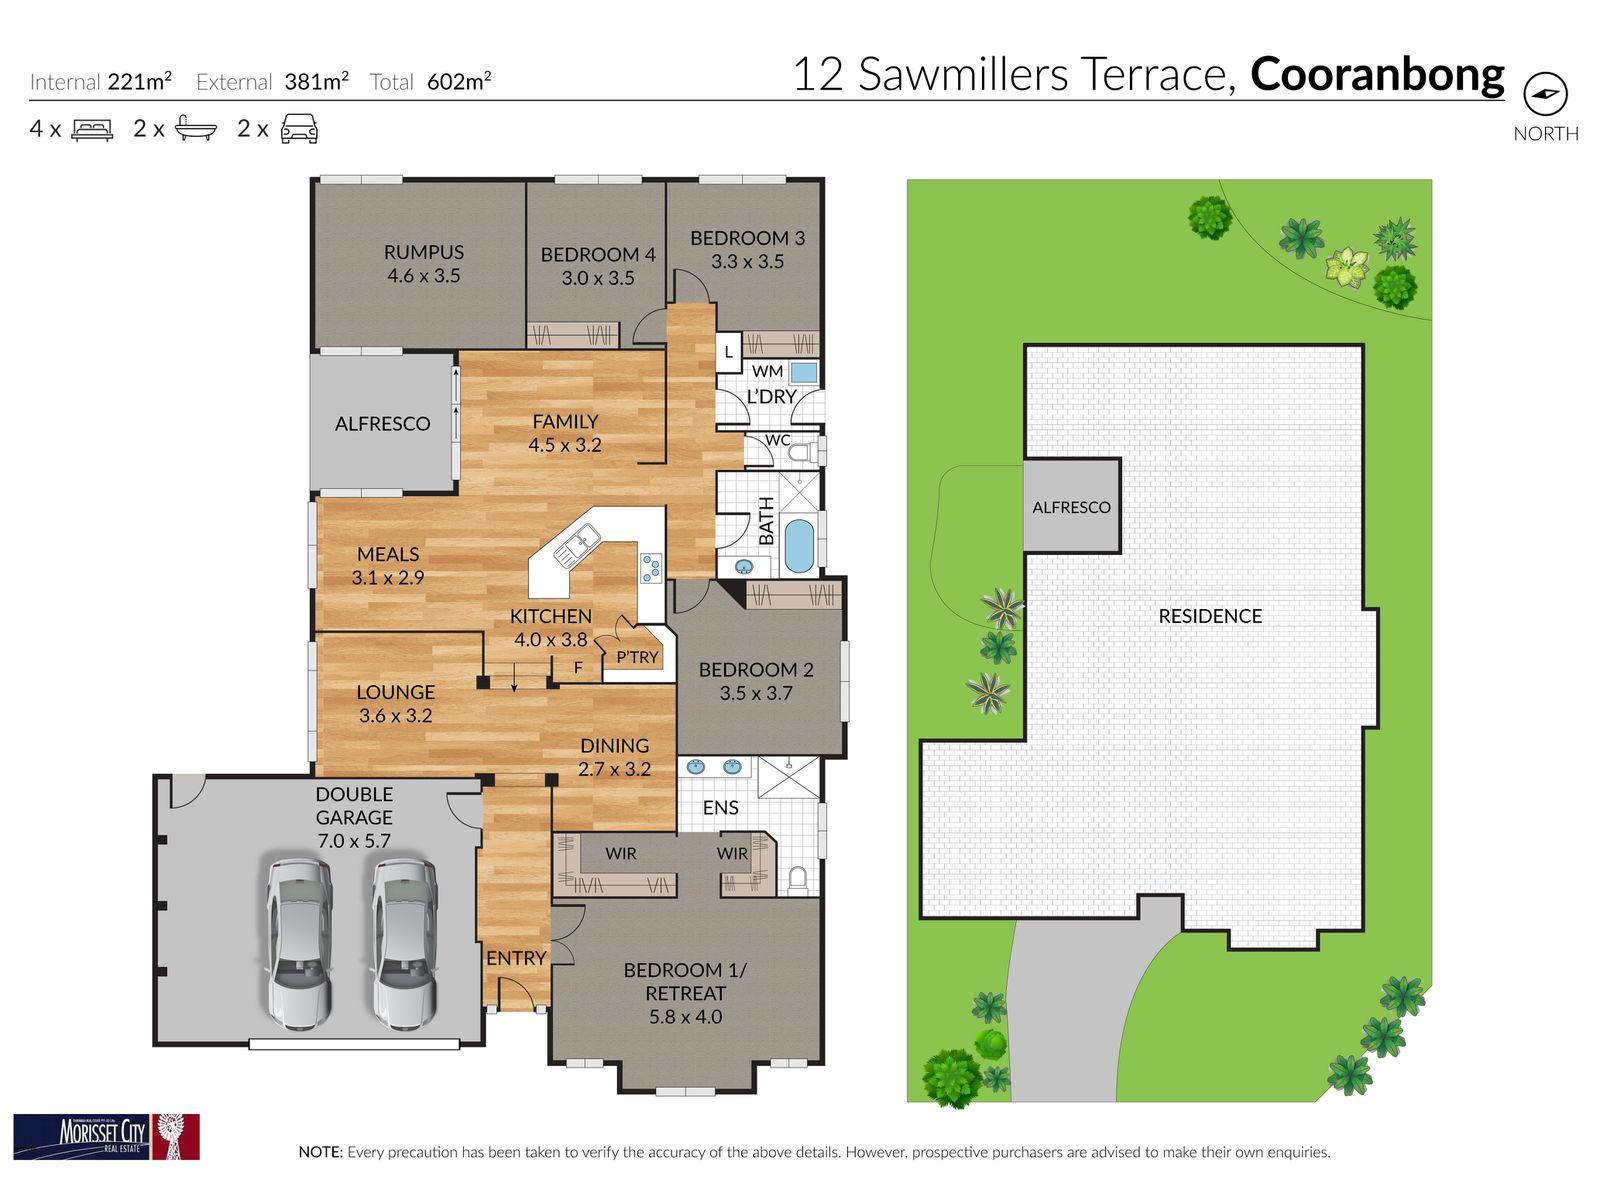 12 Sawmillers Terrace, Cooranbong